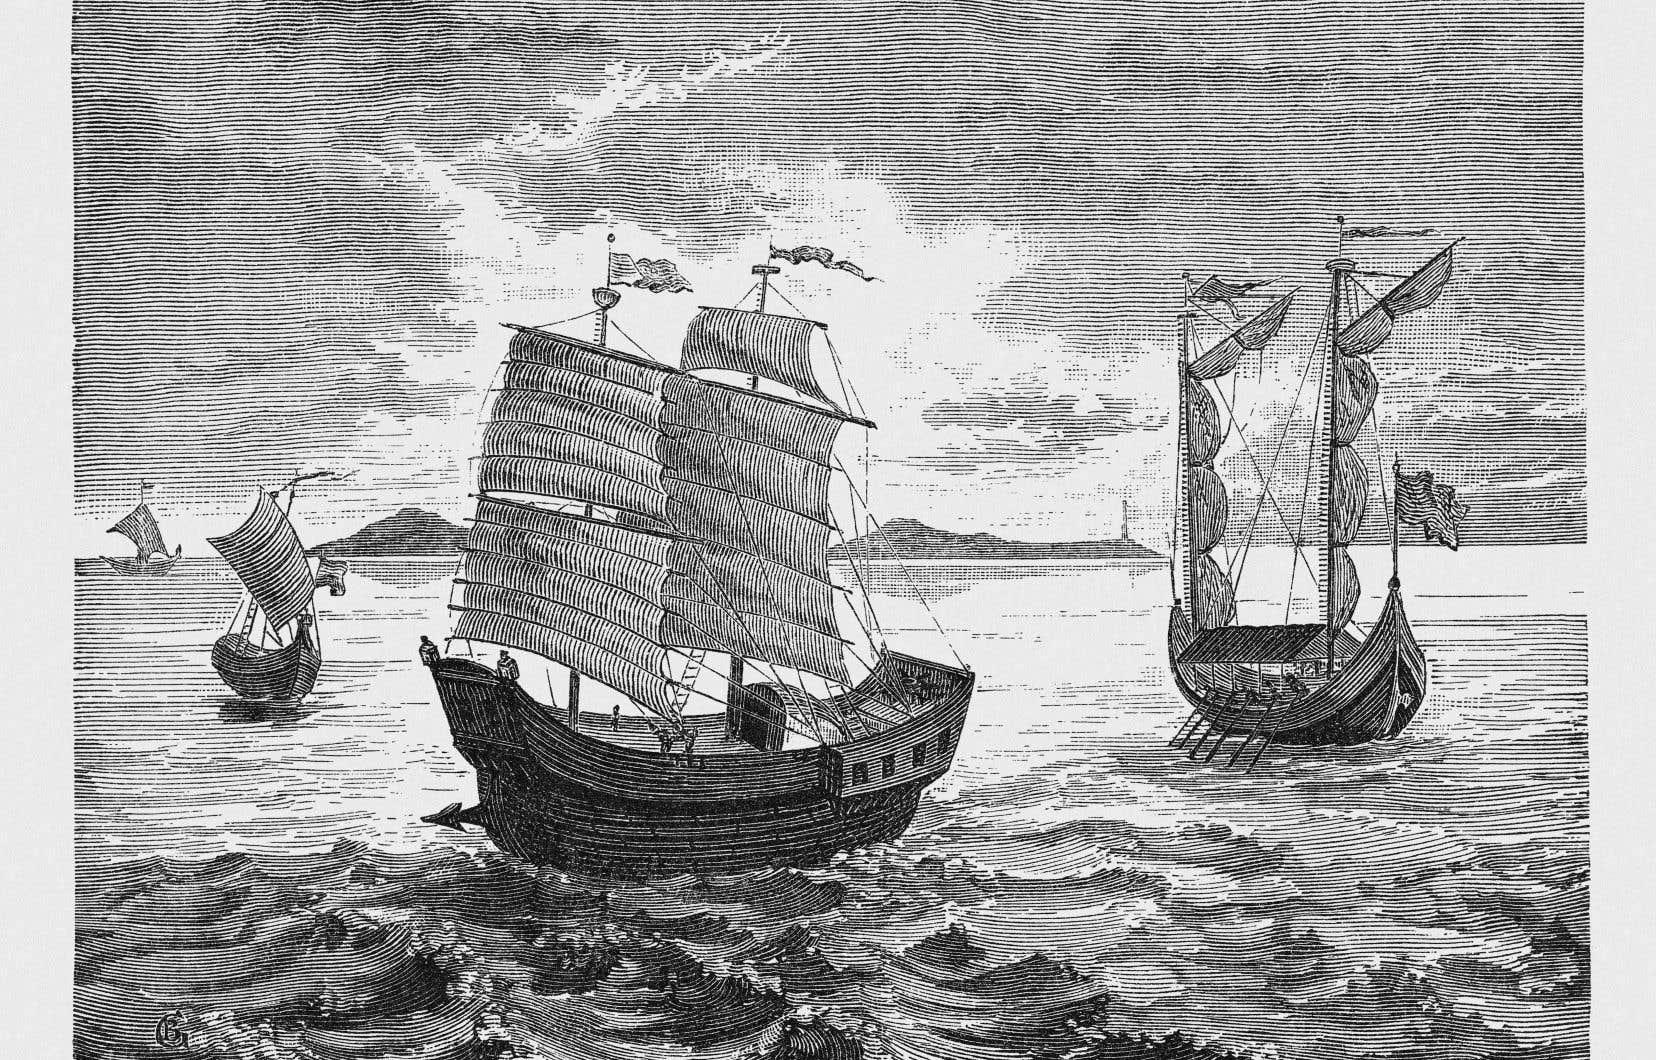 Une gravure en bois de 1888 illustrant des navires sous le commandement de Fernand de Magellan lors de sa circumnavigation amorcée en 1519.